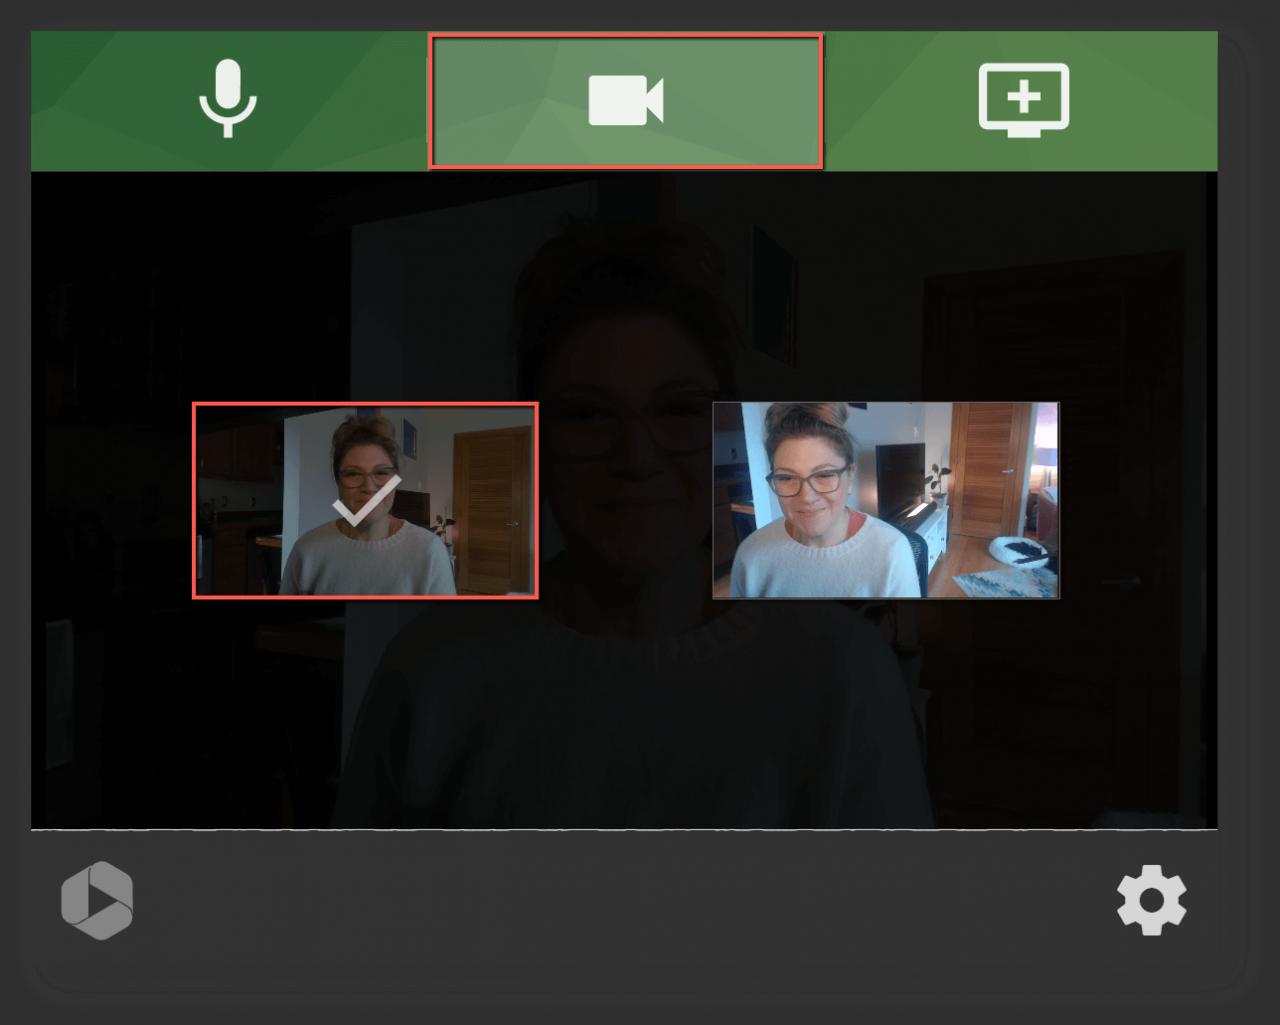 手順 1:オンライン会議またはビデオ会議を記録する